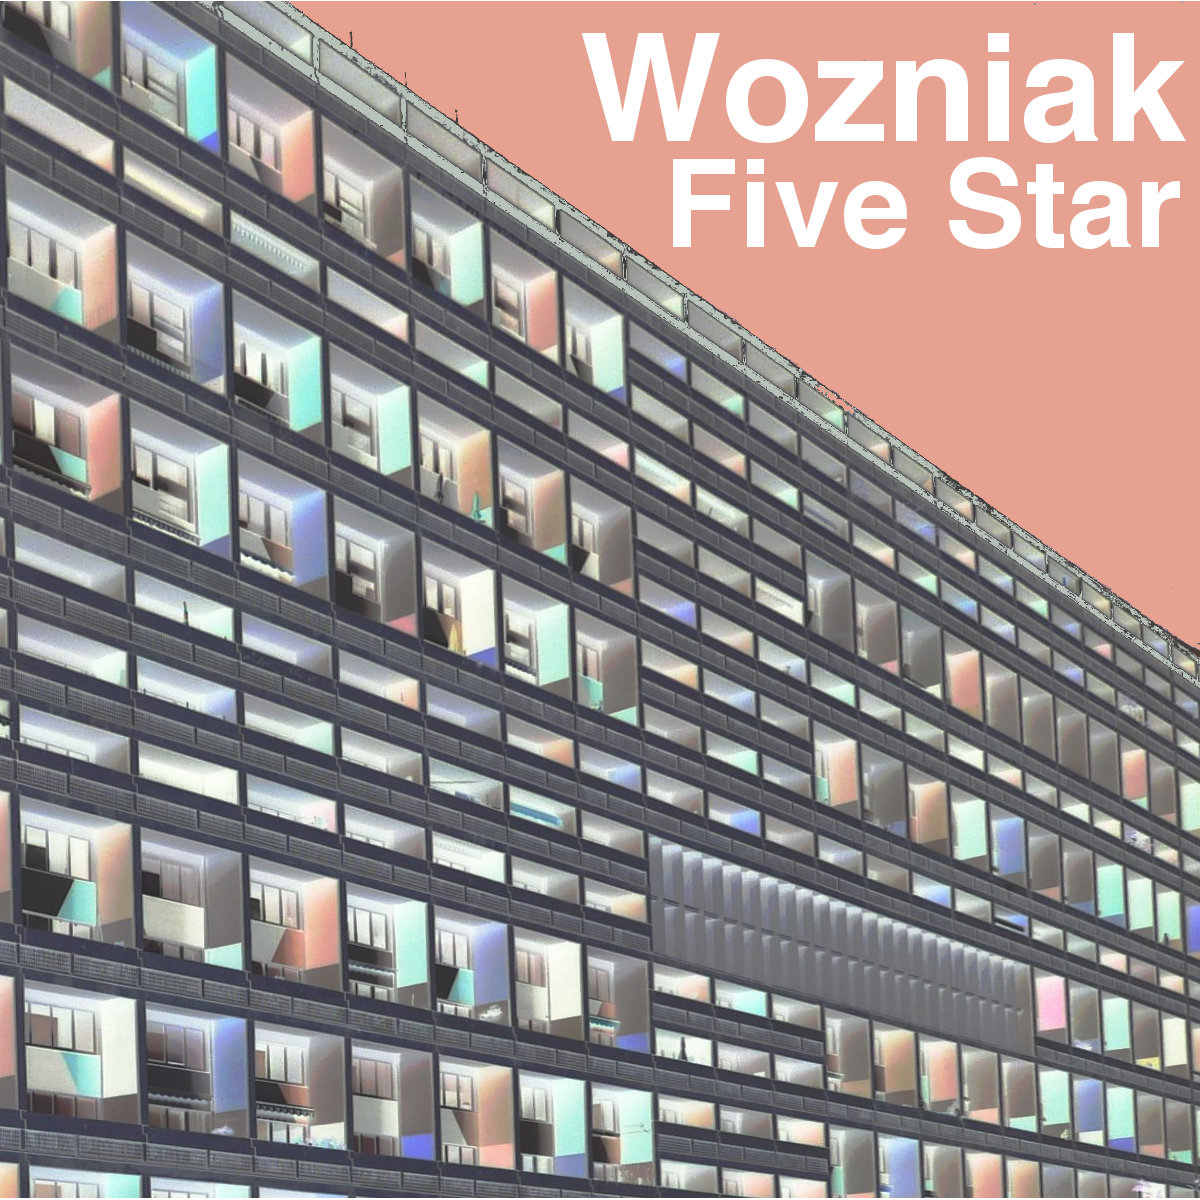 From Lunar Twin To Wozniak: Matt Sloan's Top Remixes Of 2015